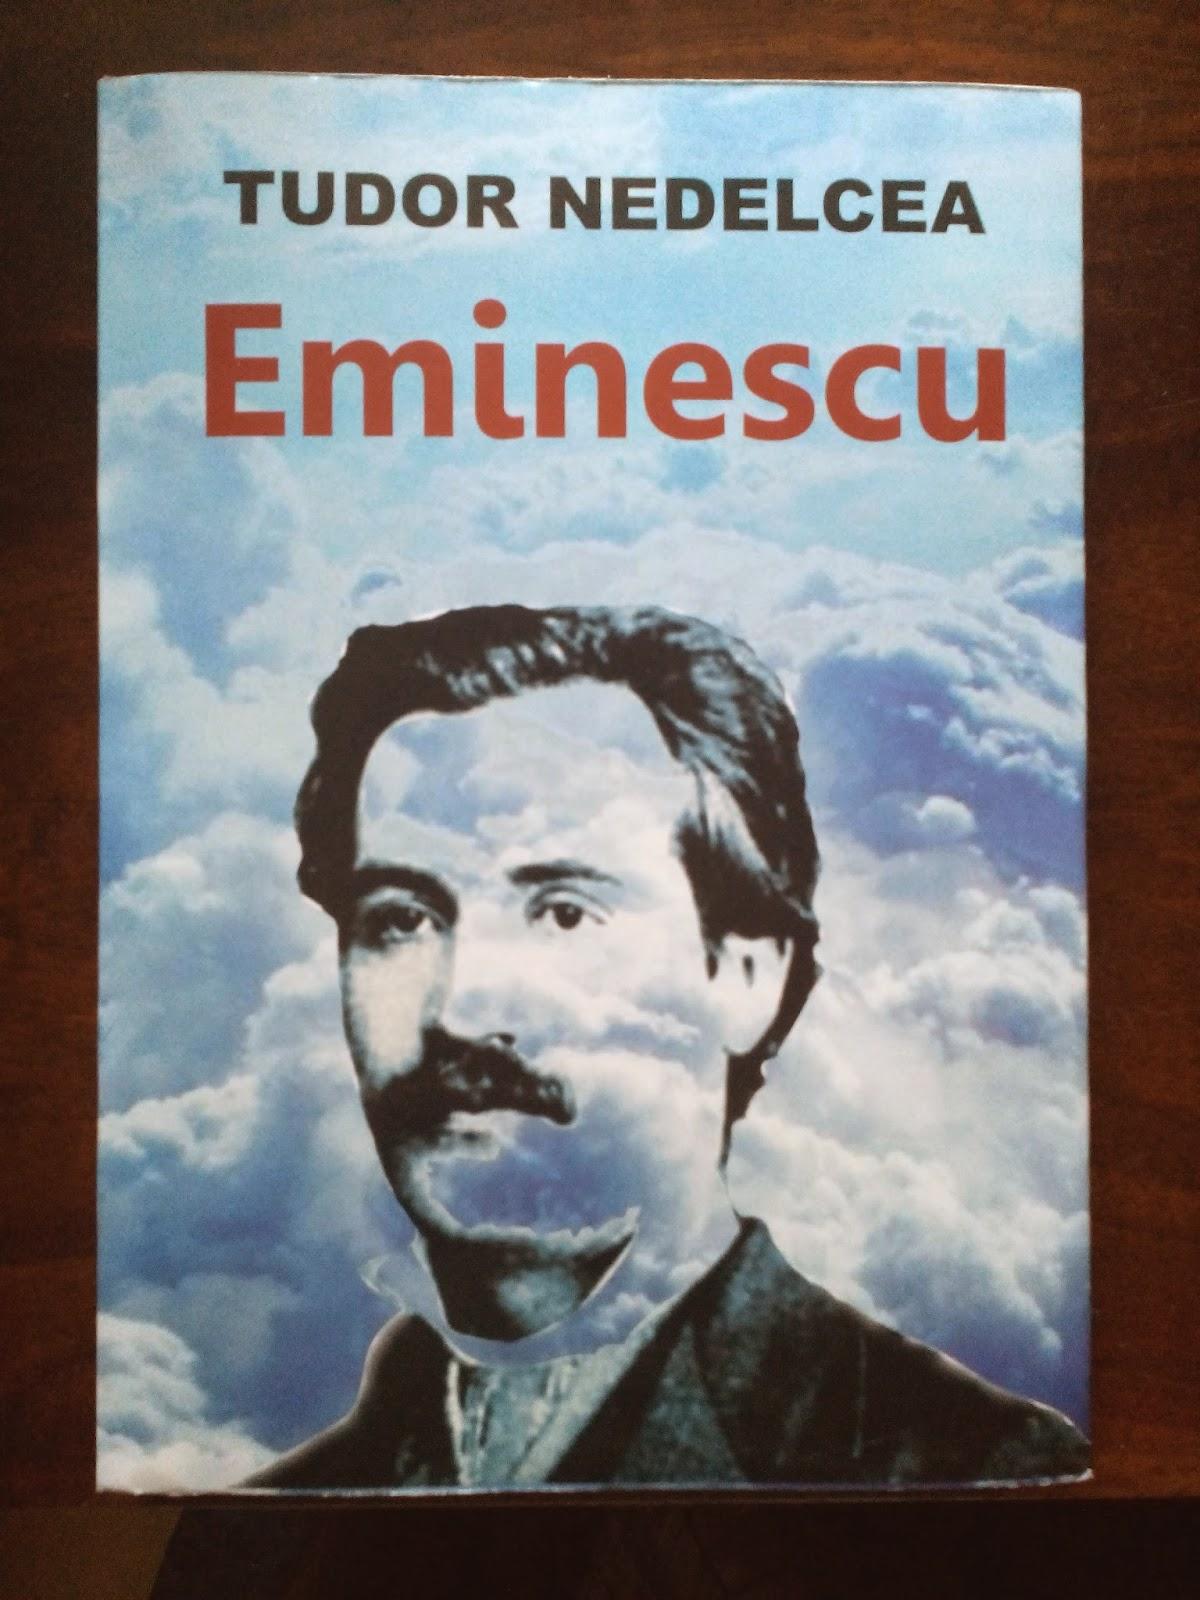 Tudor Nedelcea - Eminescu